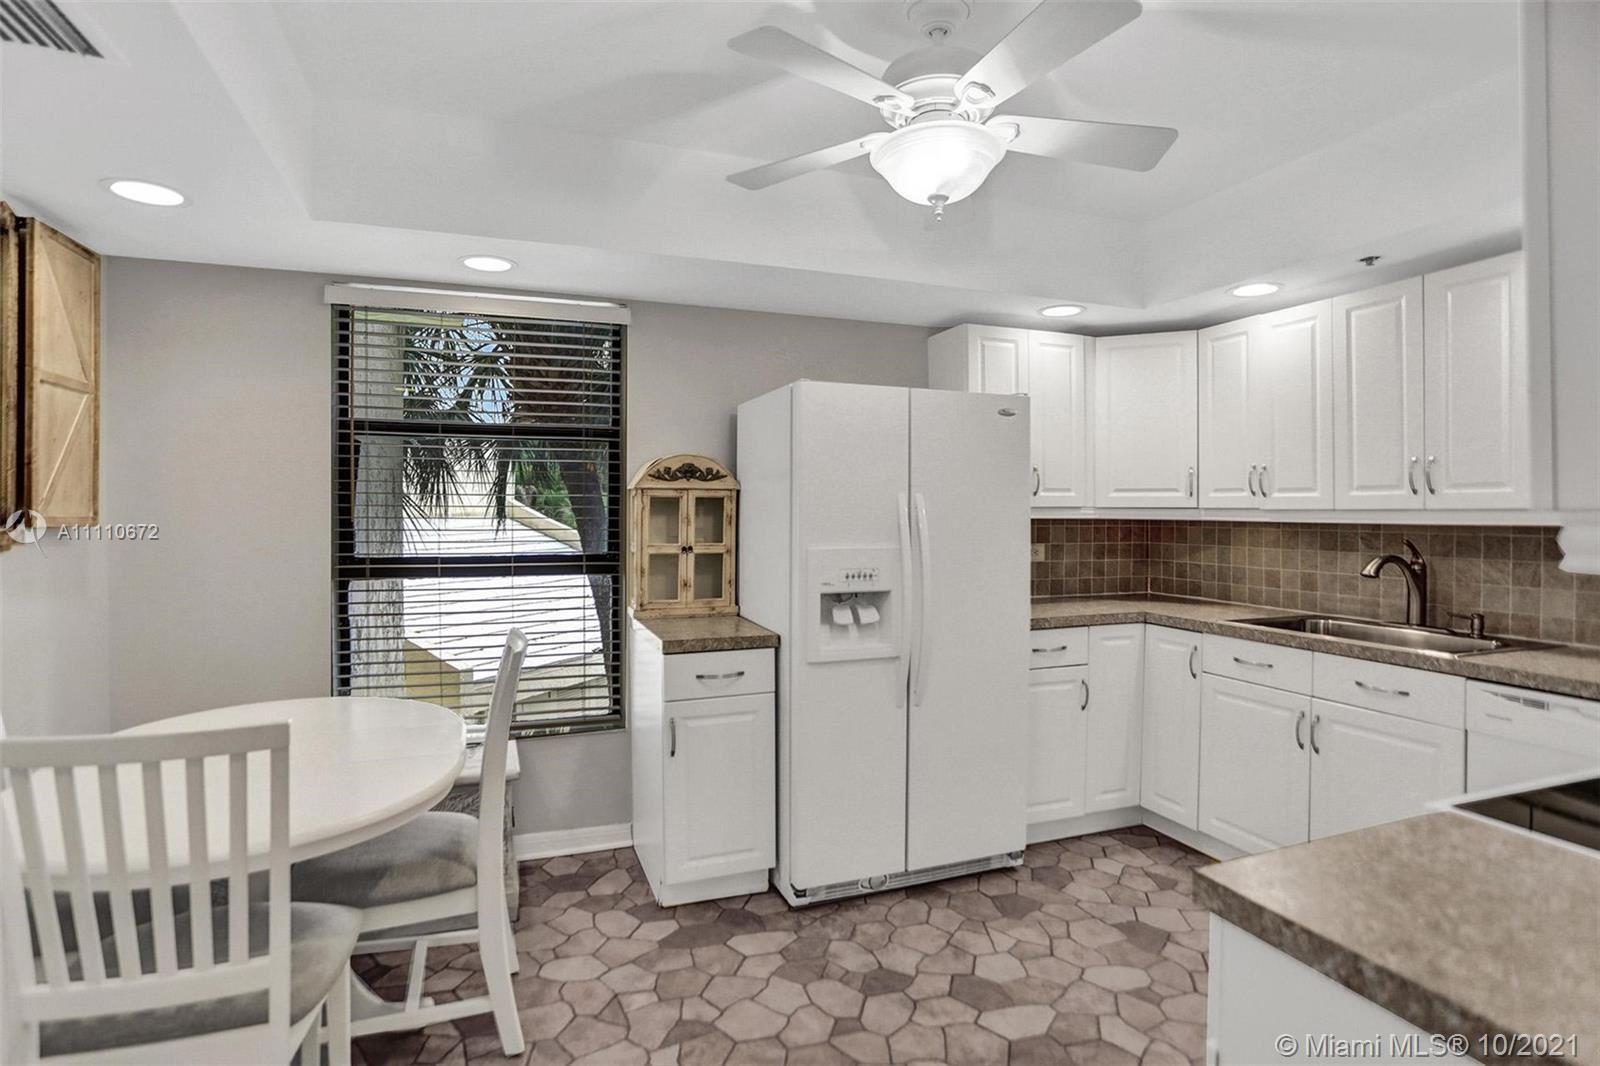 Photo of 7400 Radice Ct #201, Lauderhill, FL 33319 (MLS # A11110672)